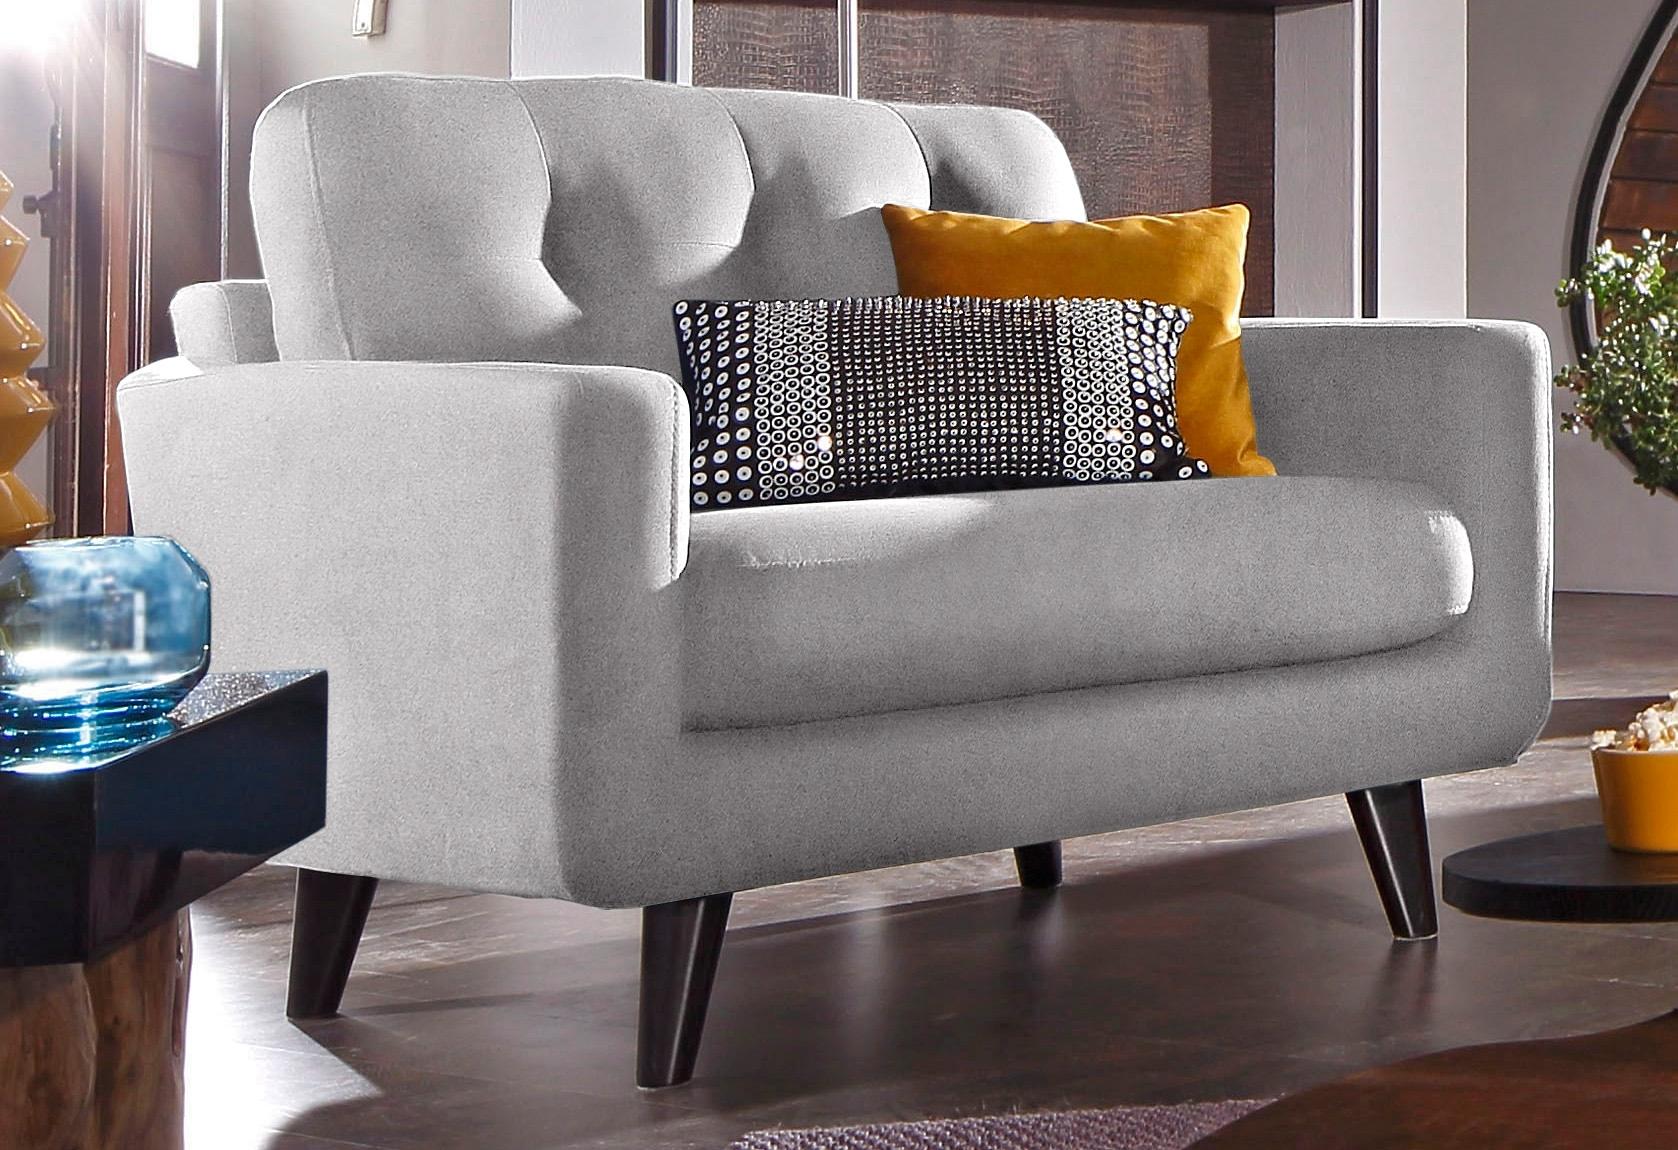 Inosign Loungestoel in 3 bekledingskwaliteiten voordelig en veilig online kopen